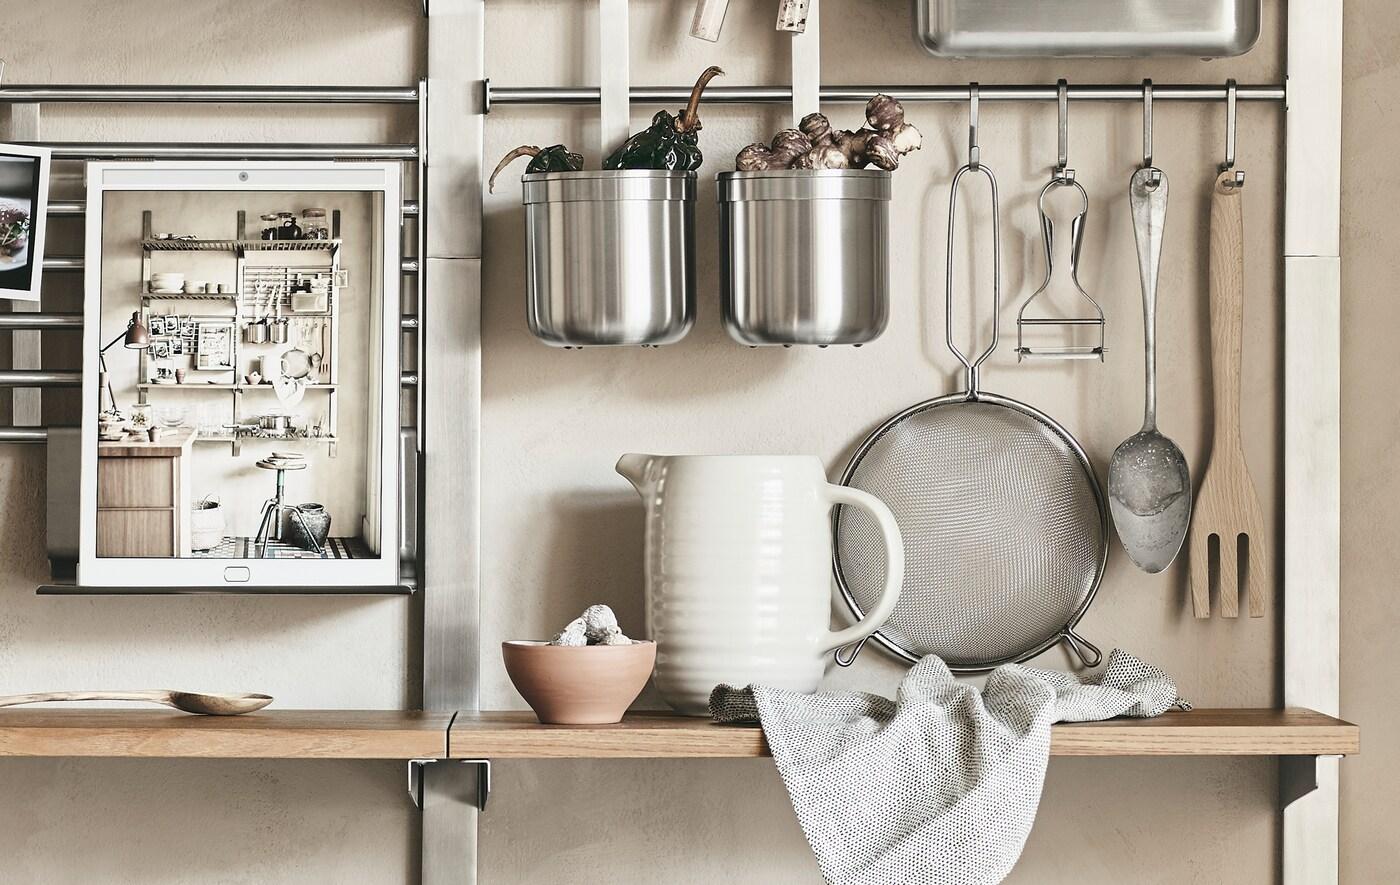 Mensole In Legno Ikea l'organizzazione in casa di un interior designer - ikea it